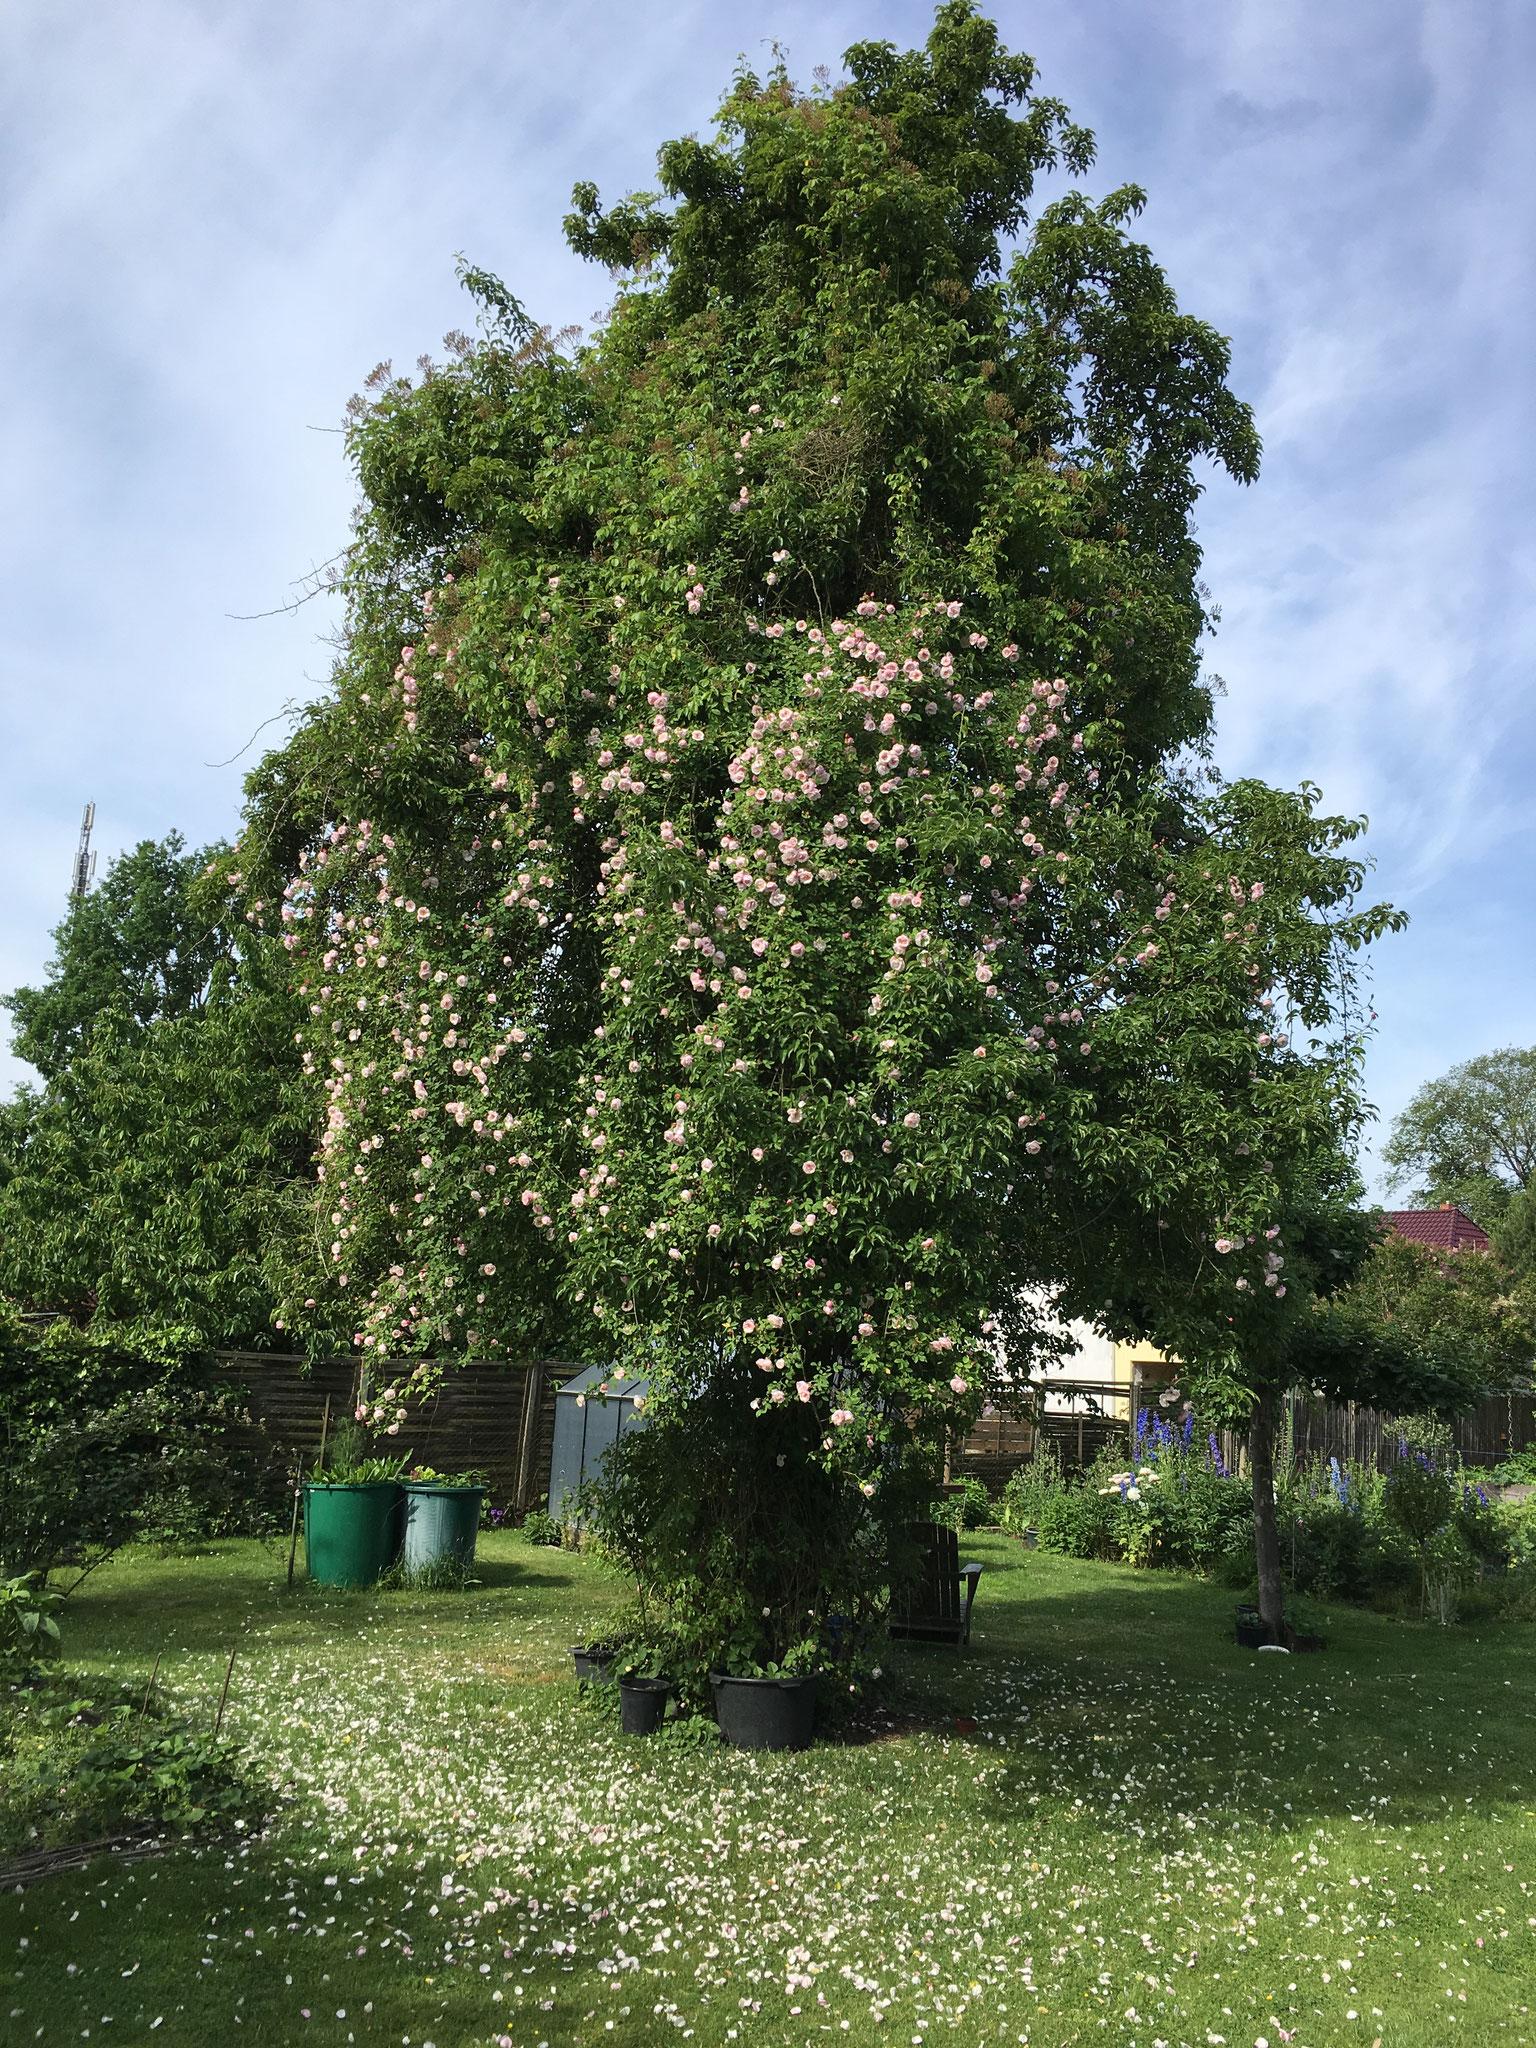 Wiesenmittelpunkt: Birnbaum mit Rose